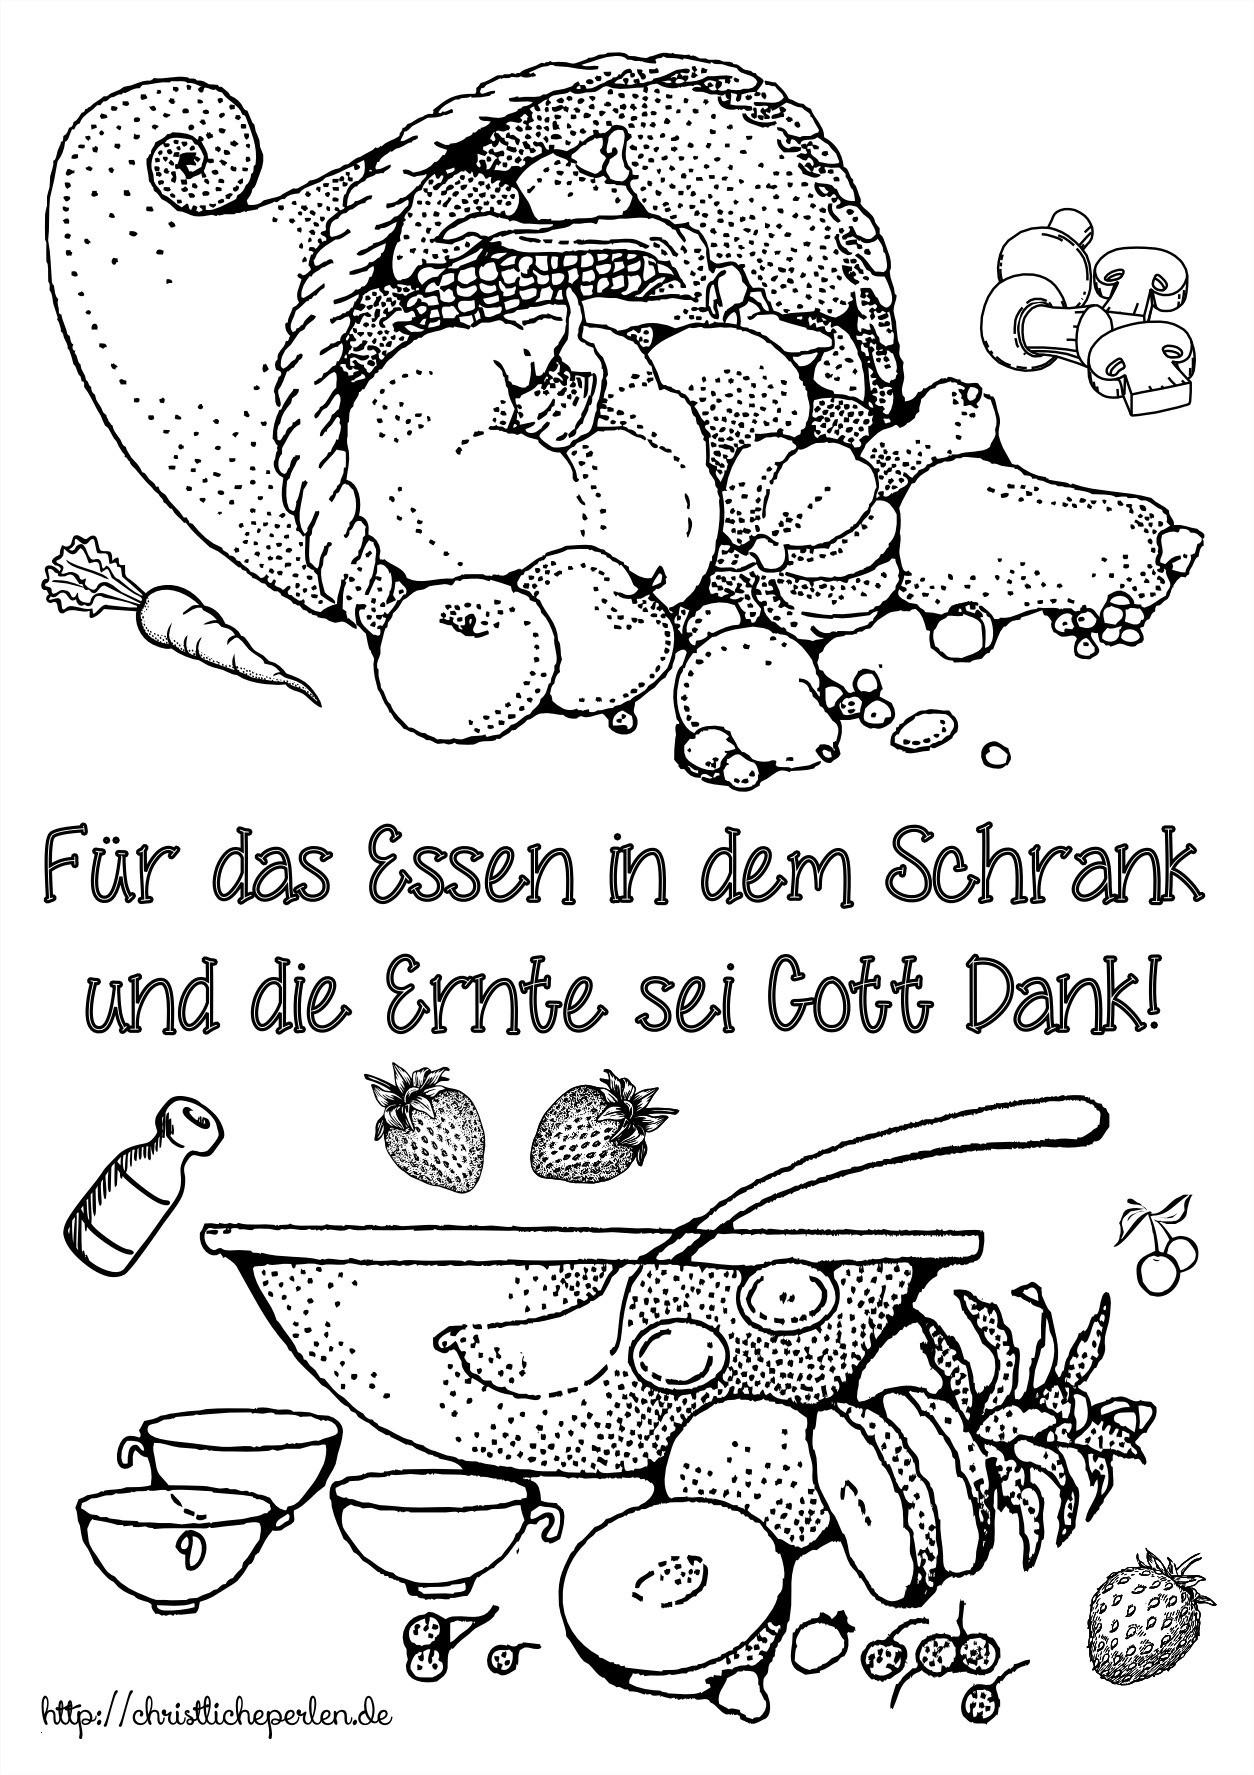 Ausmalbild Einhorn Mit Fee Genial Malvorlagen Igel Best Igel Grundschule 0d Archives Uploadertalk Galerie